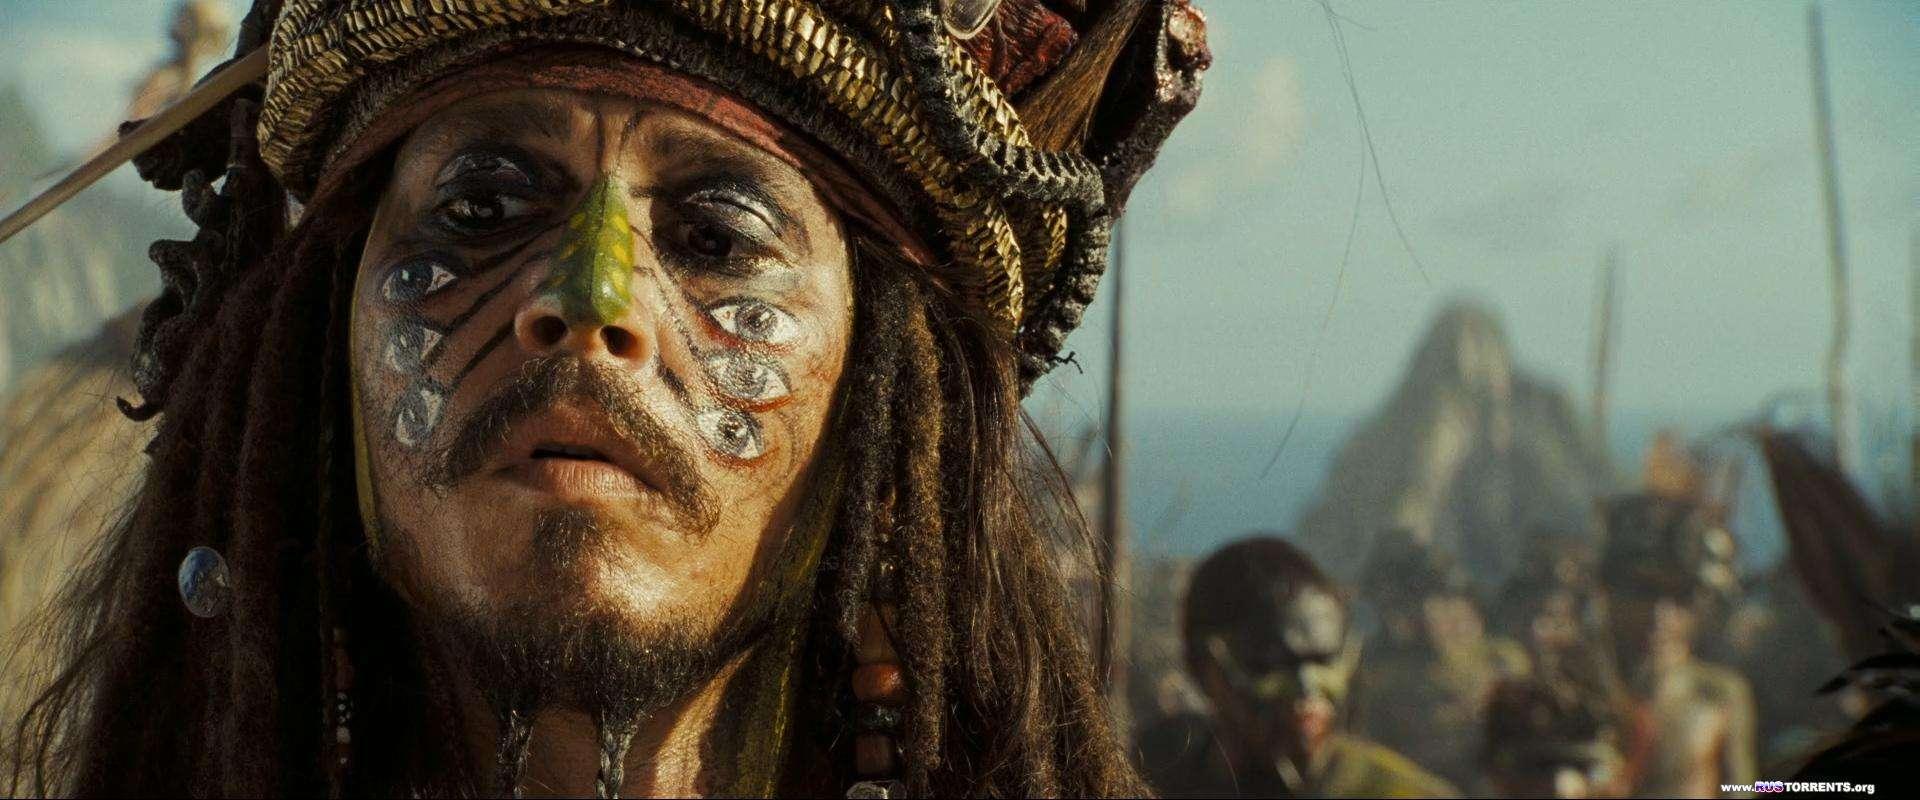 Пираты Карибского моря: Сундук мертвеца | BDRip 1080p